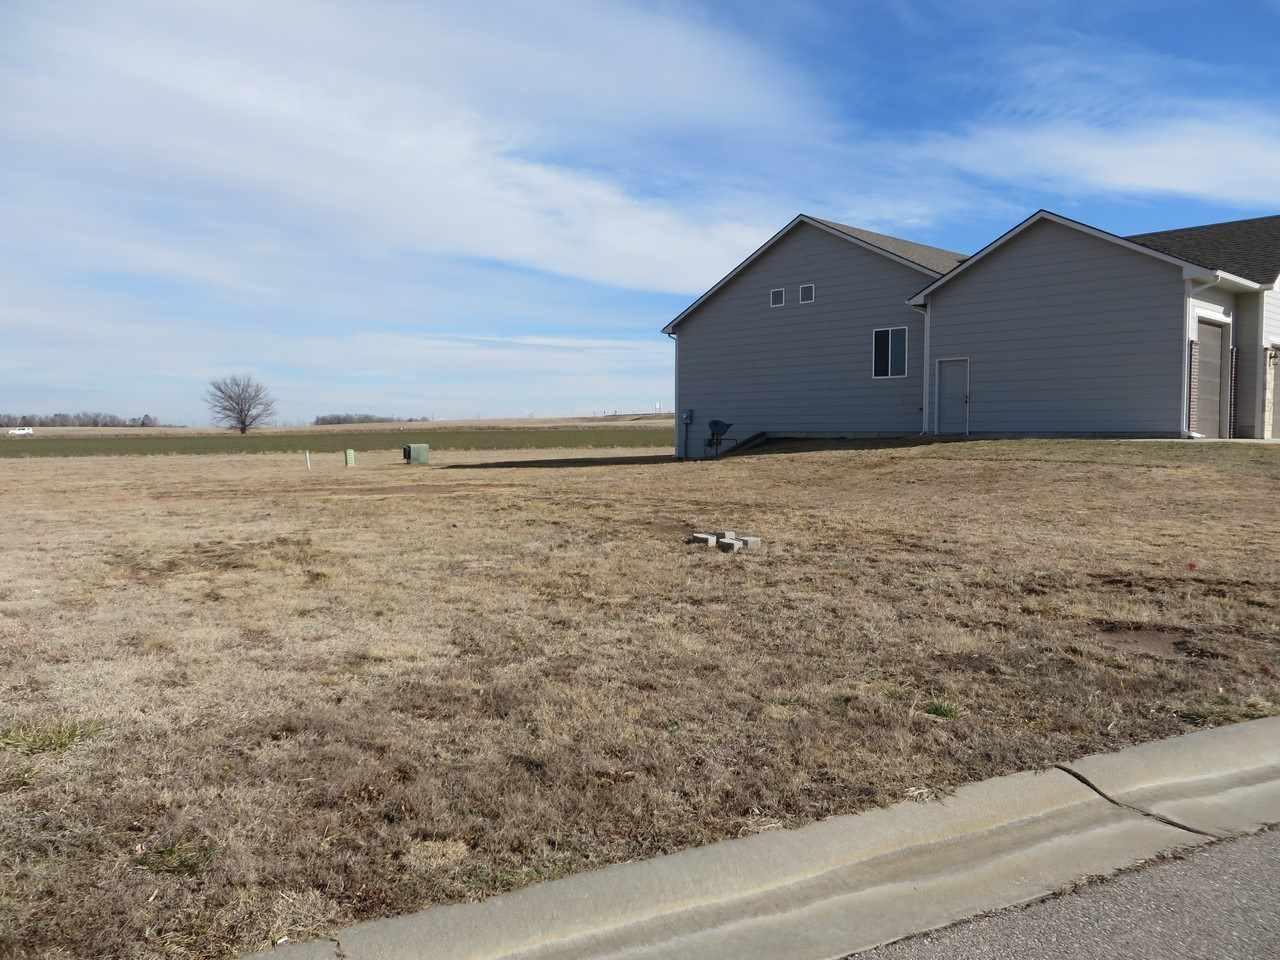 LOT 11 BLOCK H BENTWOOD ADD, Garden Plain, KS 67050